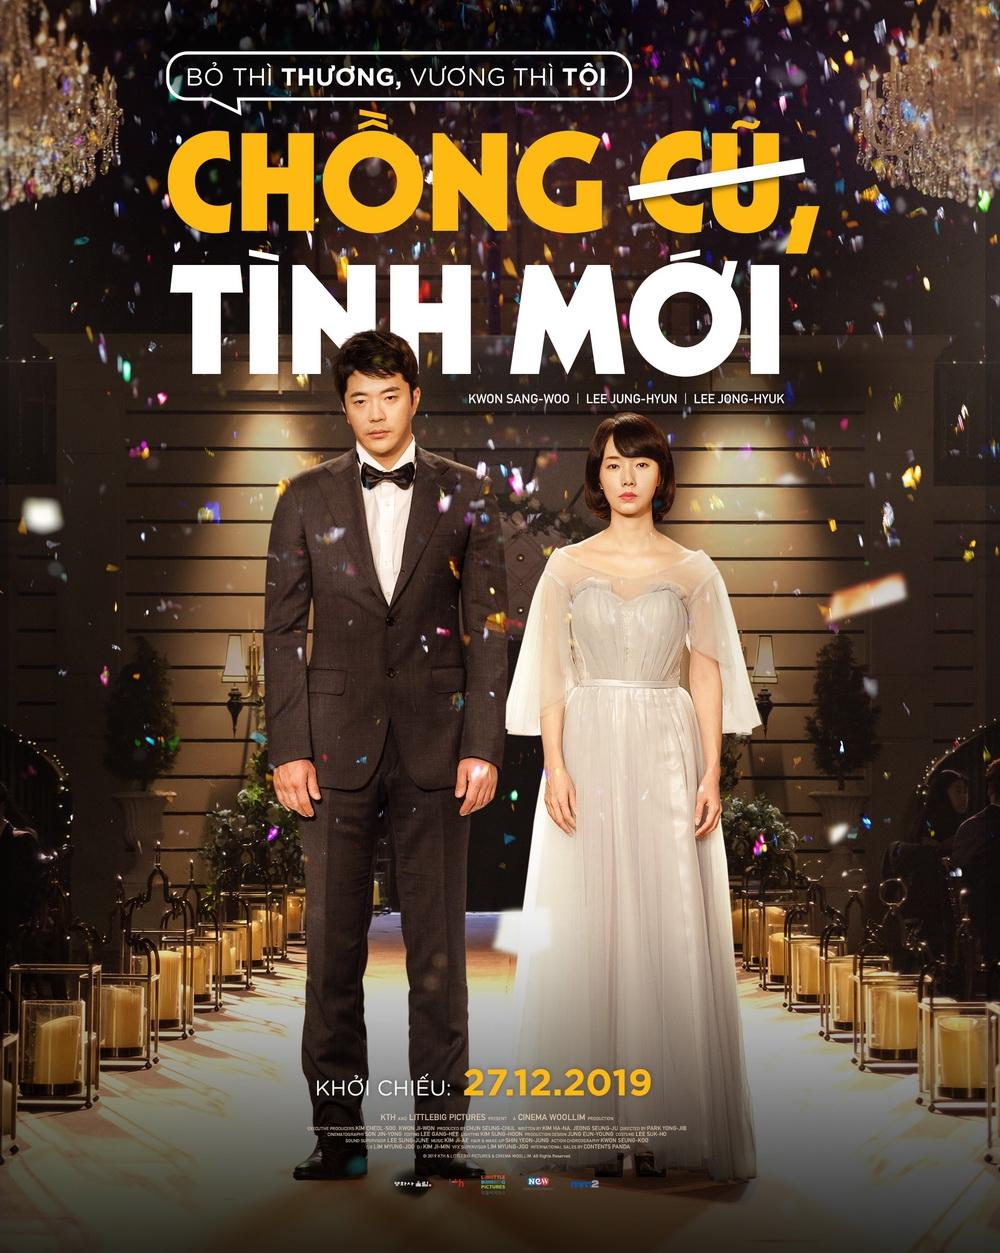 kwon sang woo tro lai voi vai dien man moi trong dip giang sinh 2019